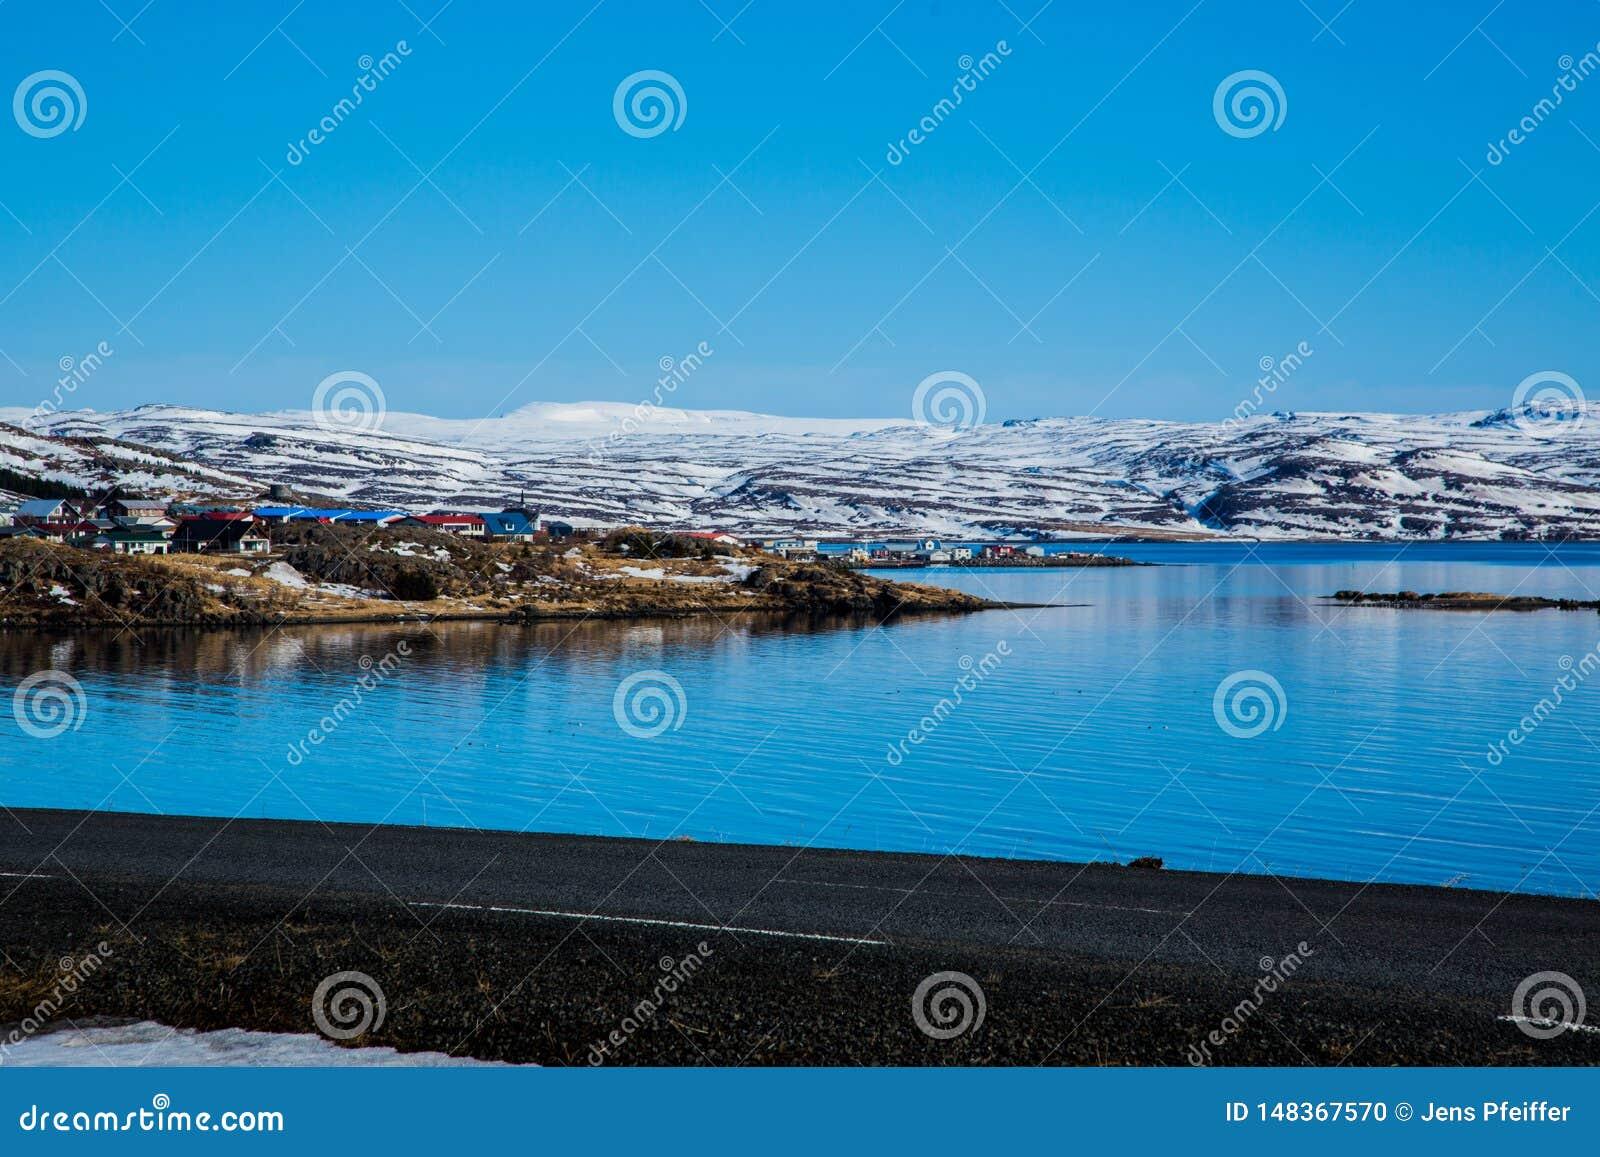 Aldeia piscatória no fiorde islandês no inverno